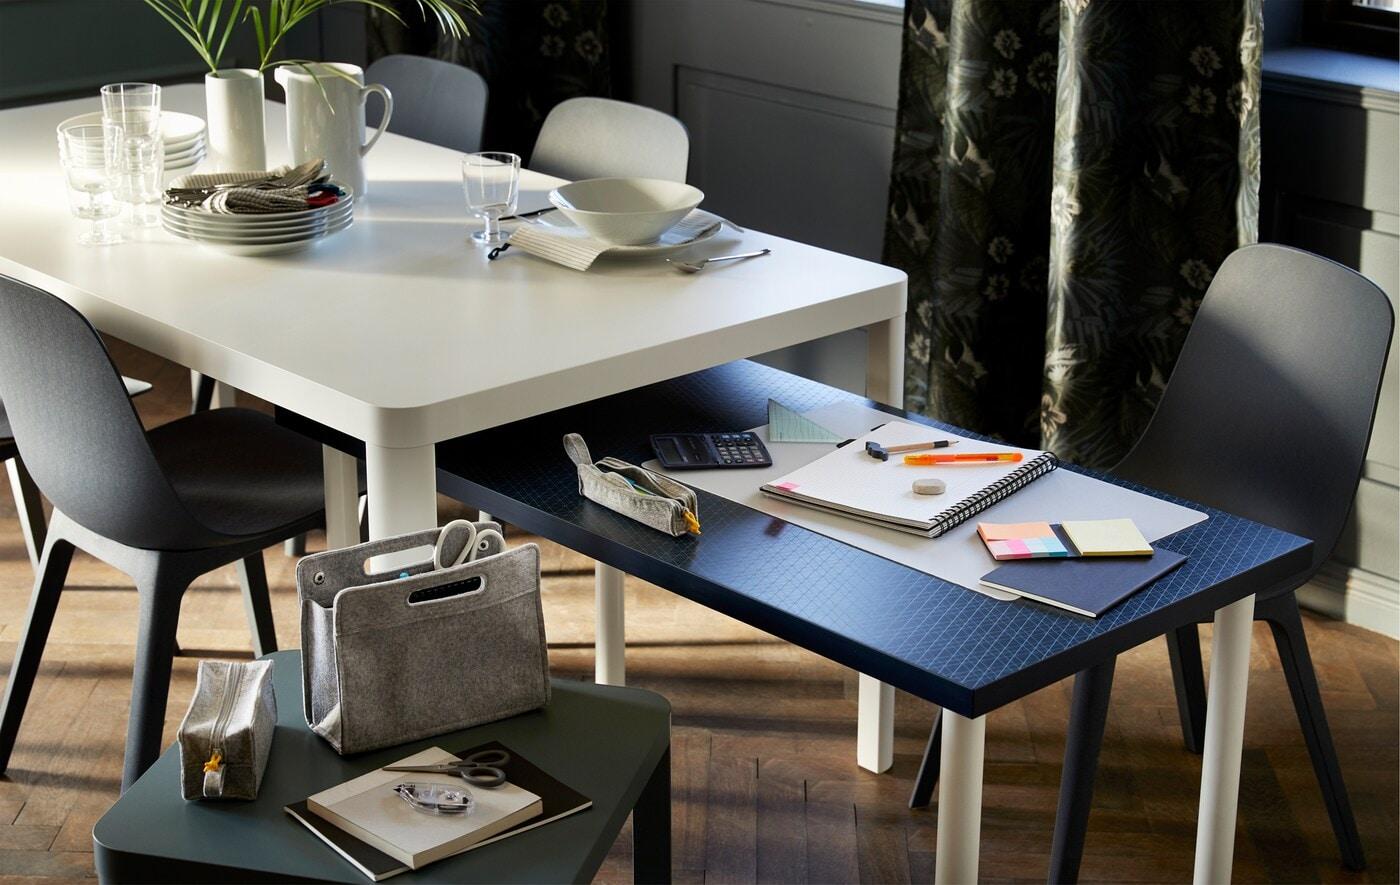 Небольшой рабочий стол расположен под обеденным столом, на котором разложена посуда и столовые приборы. Конструкция напоминает выдвижные журнальные столы.